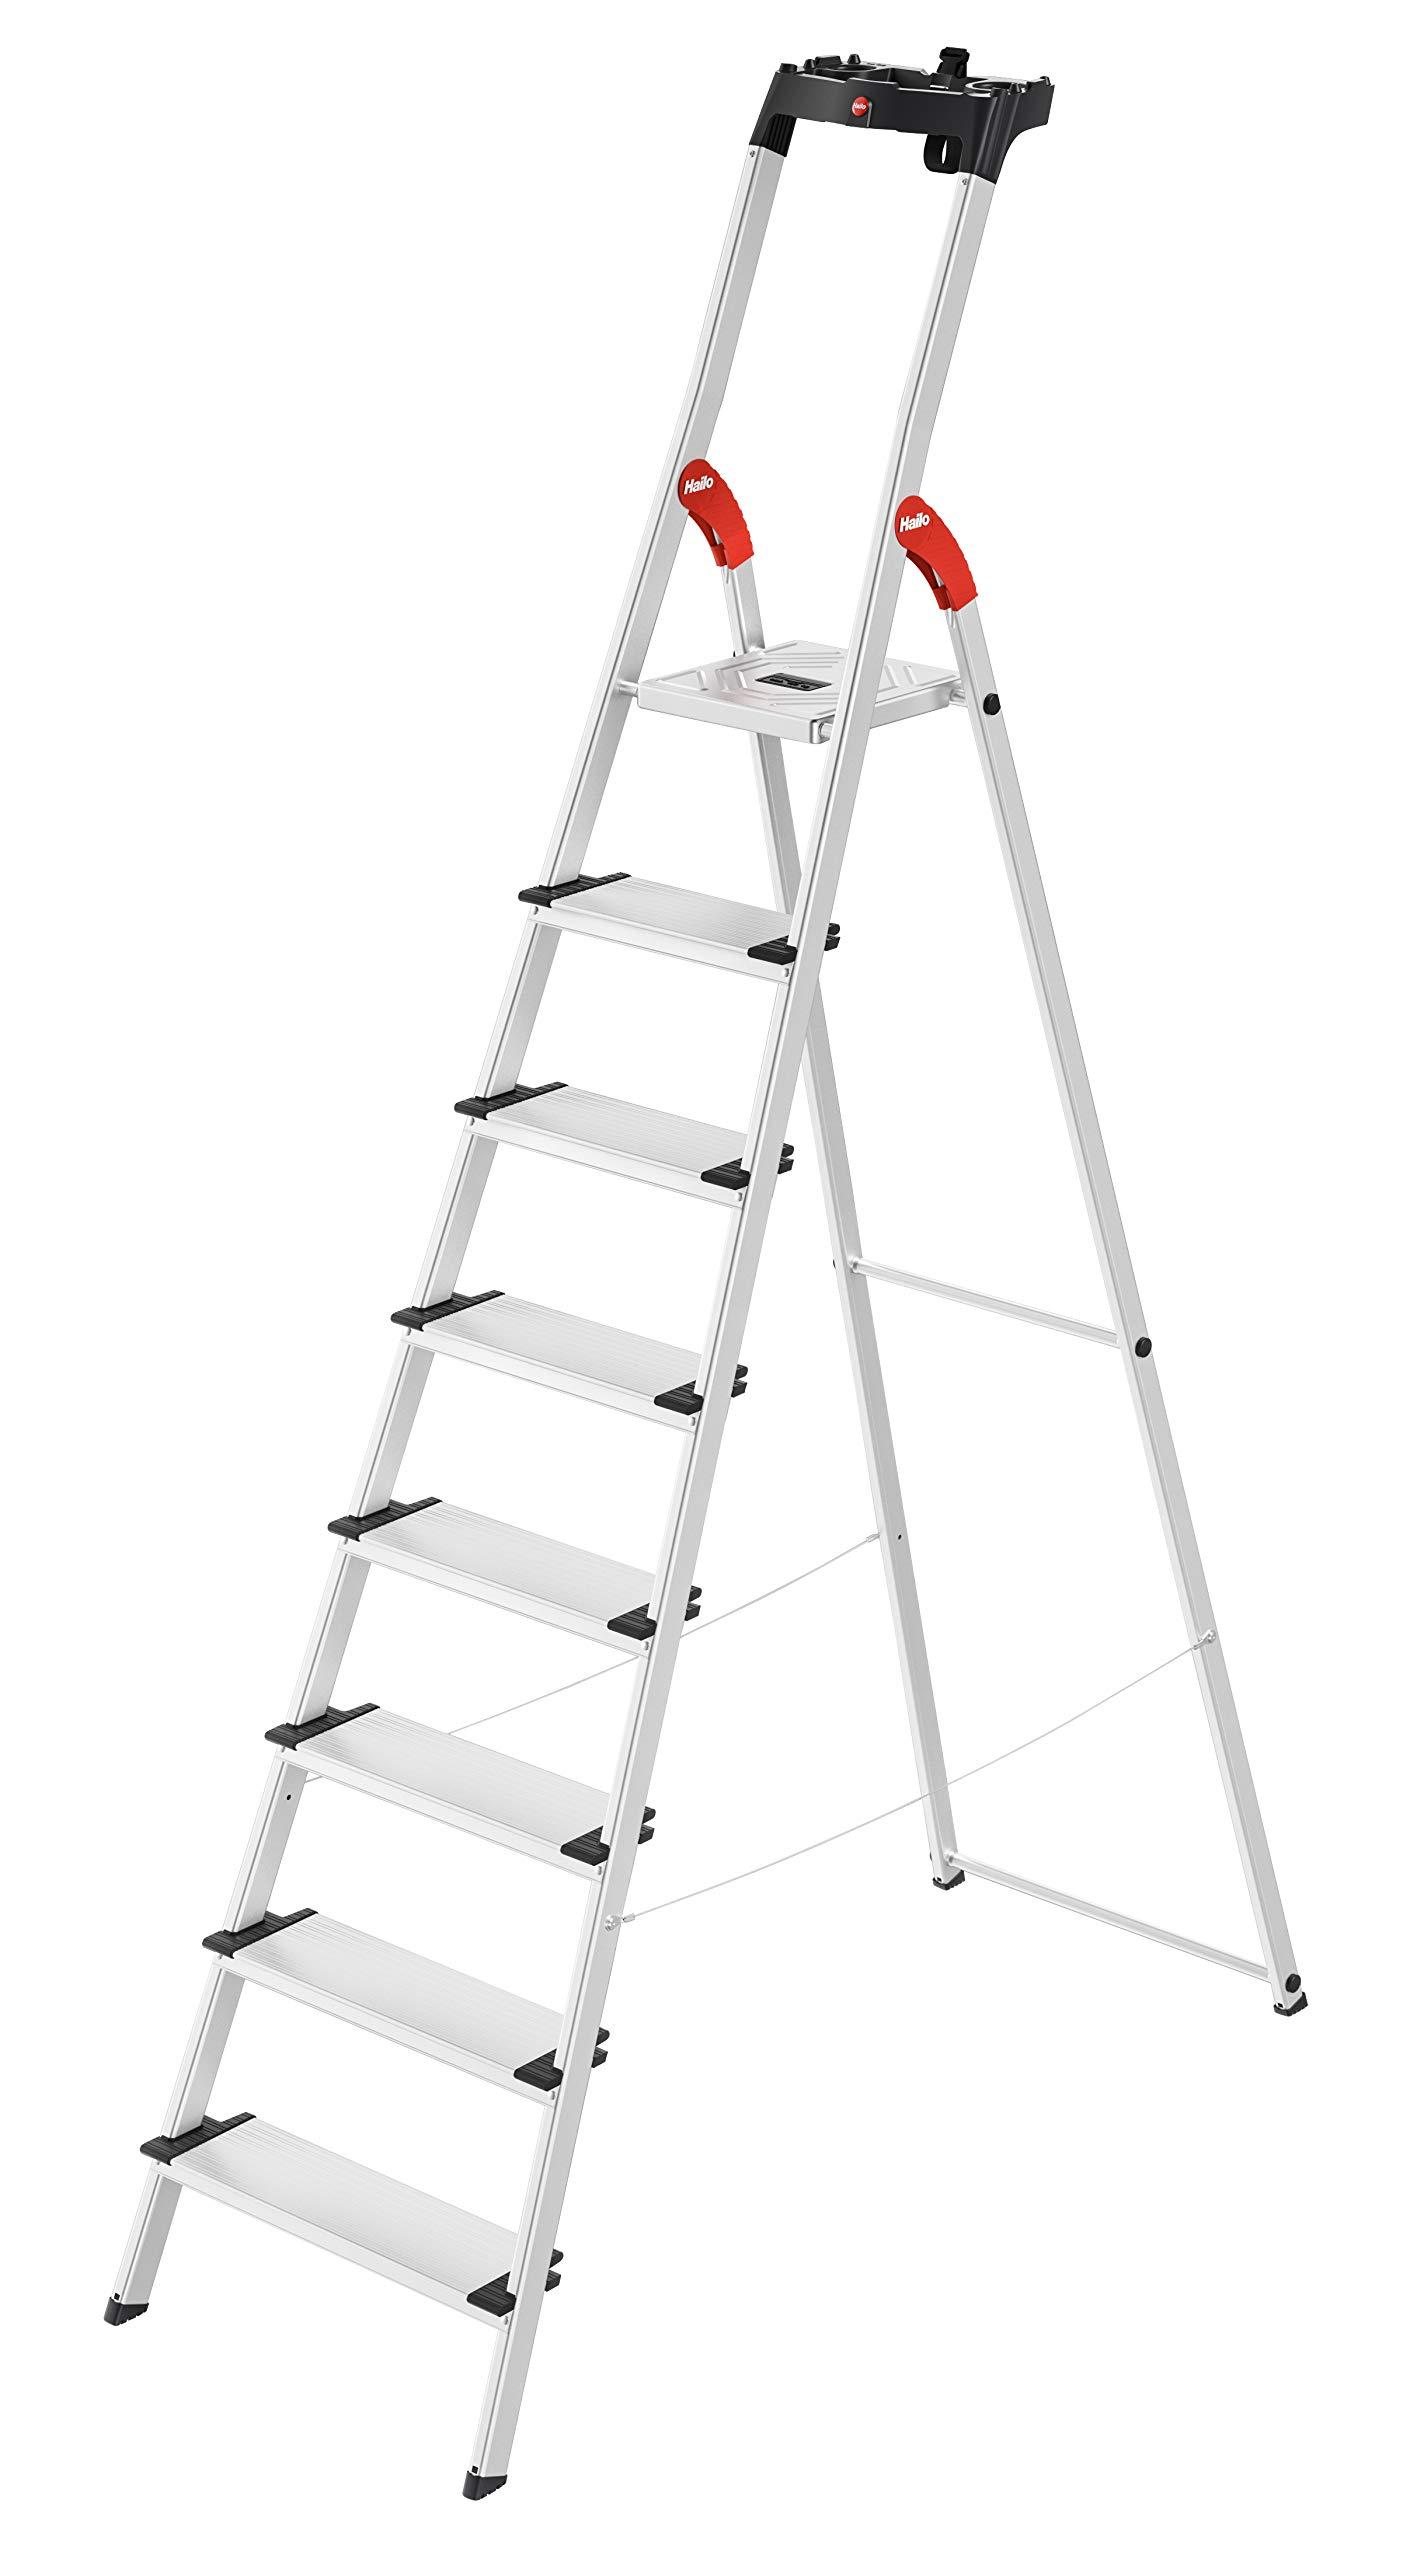 Hailo 8040807 XXL Easyclix – Escalera, color plateado: Amazon.es: Bricolaje y herramientas